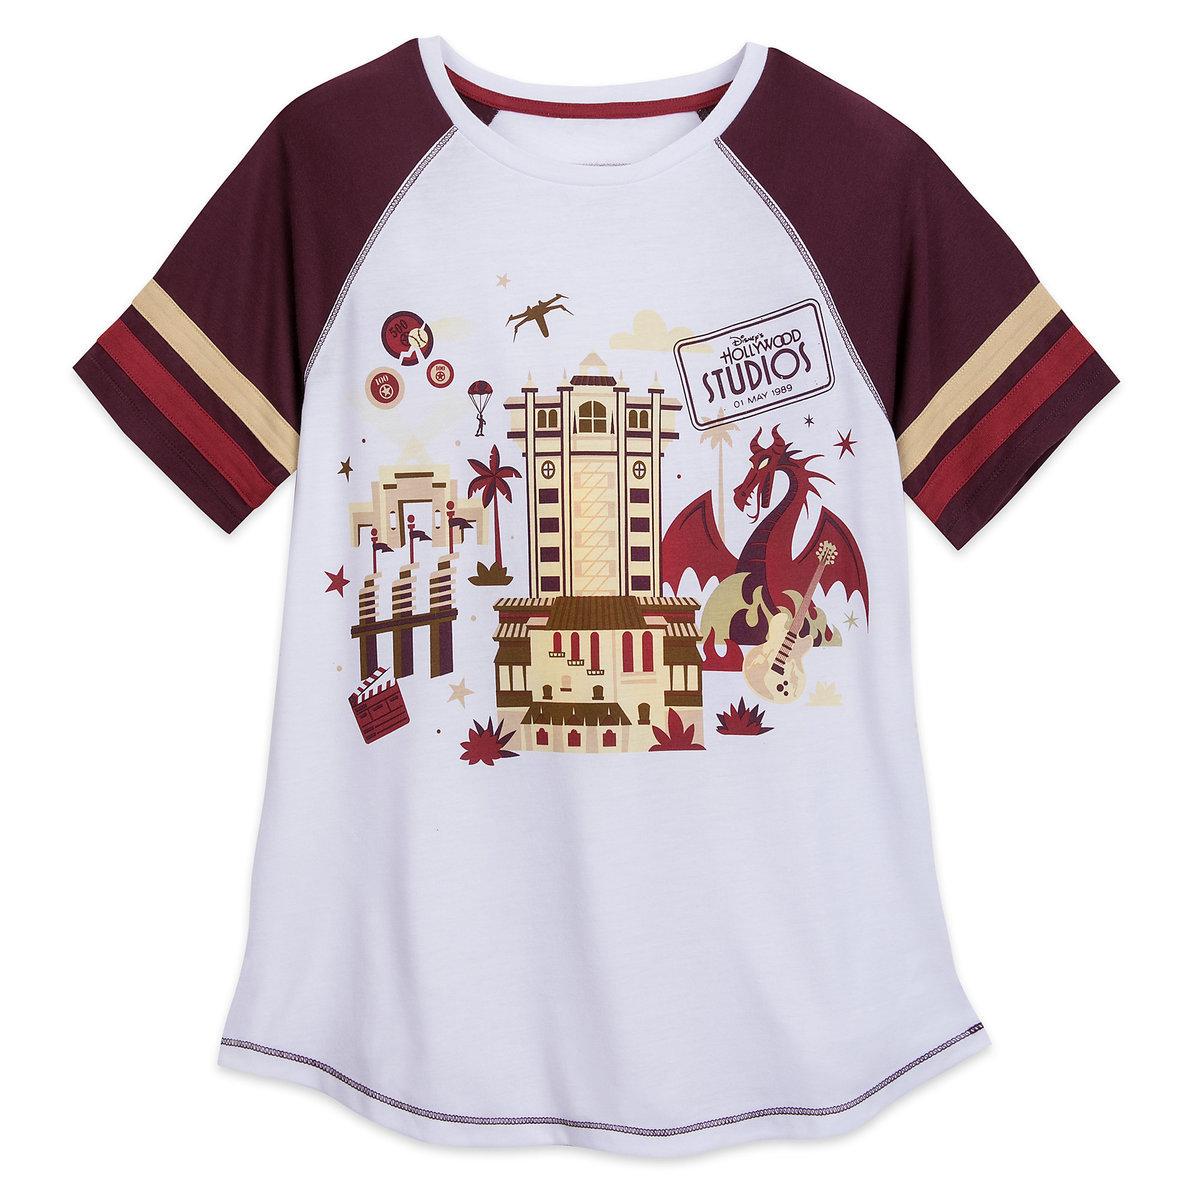 f8869ff6ceb Add to My Lists. Disney Women's Shirt - Hollywood Studios Raglan